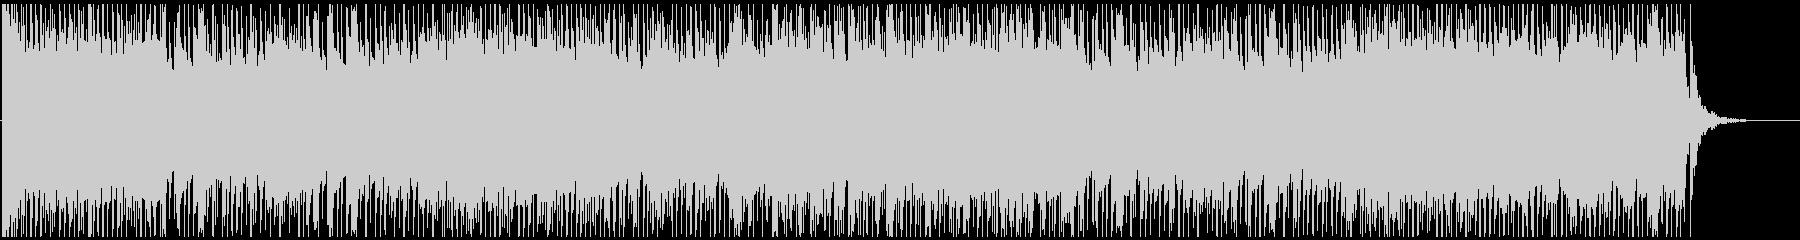 軽快で穏やかなビブラフォンのBGM曲の未再生の波形